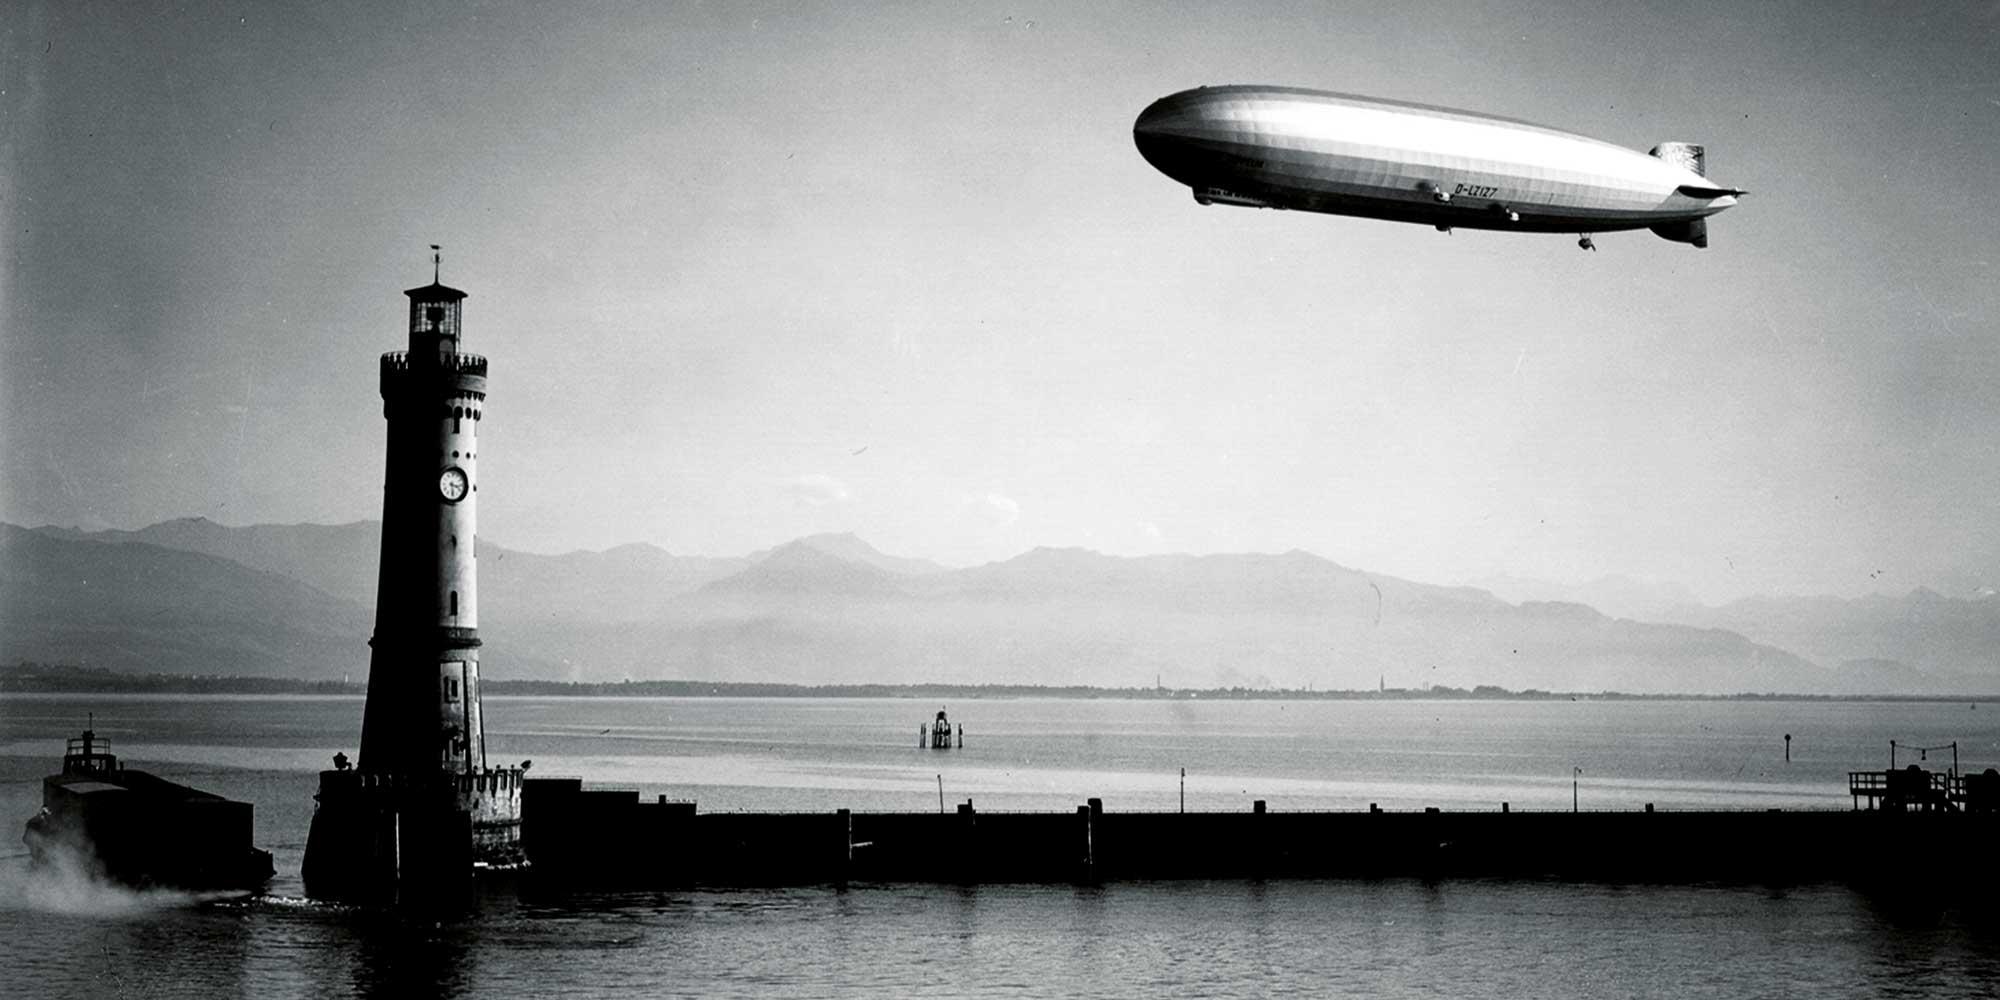 Die Zeppelin über dem Bodensee | Juwelier Hilgers Essen